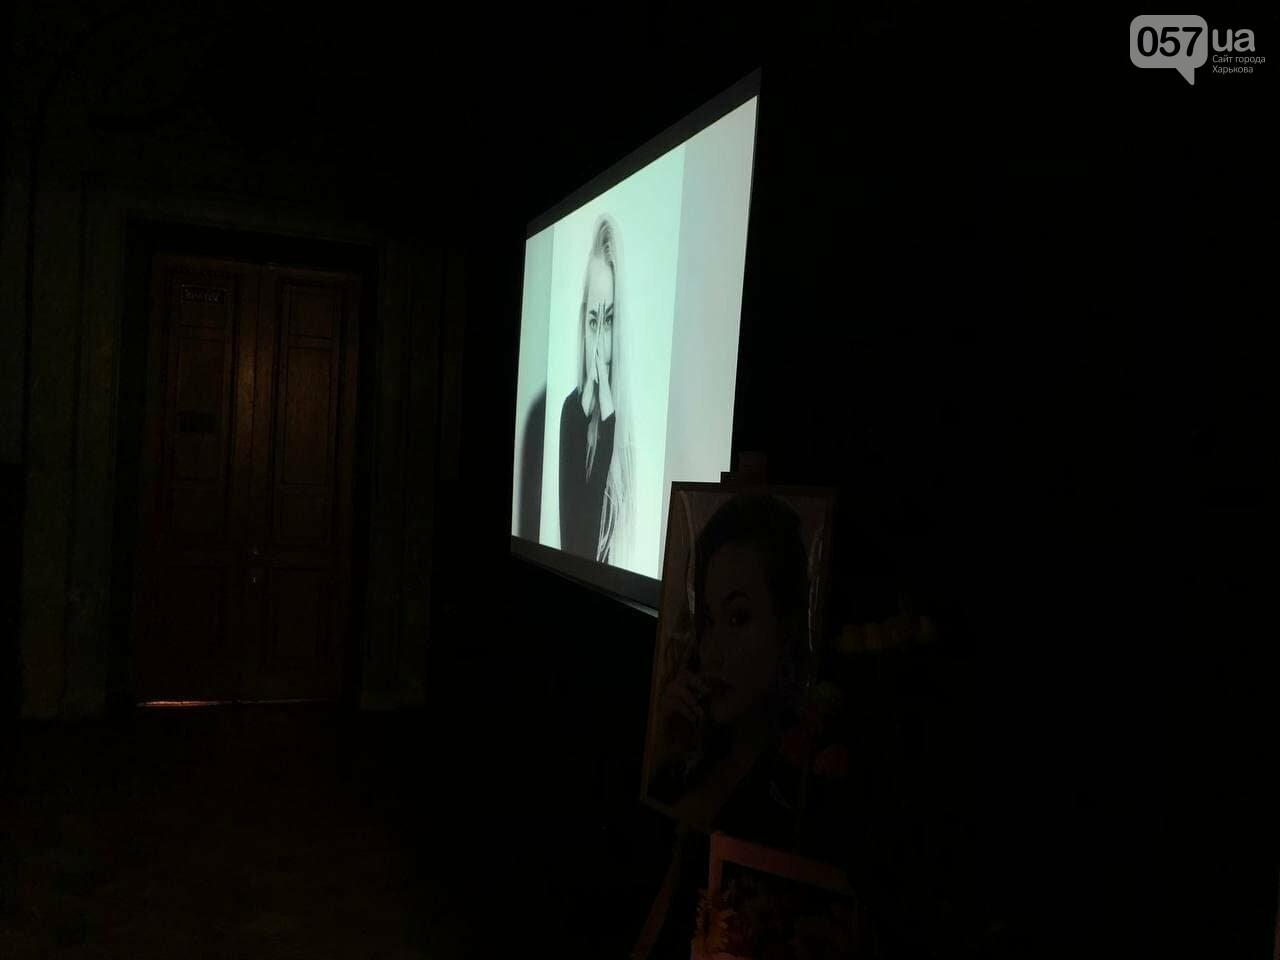 В Харькове прошла благотворительная выставка памяти молодой художницы, скончавшейся от приступа эпилепсии, - ФОТОРЕПОРТАЖ, фото-11